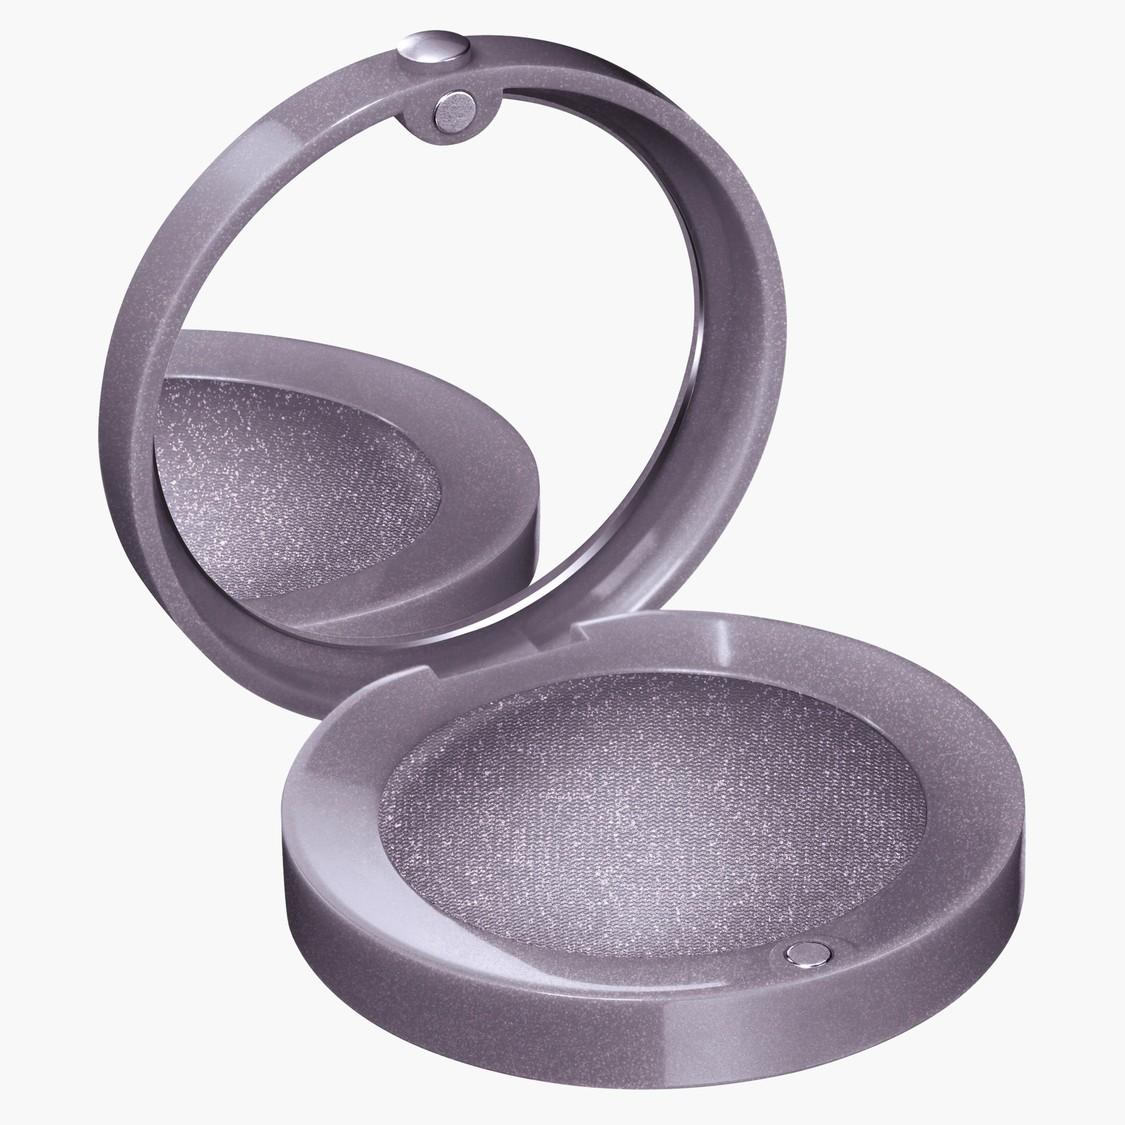 Bourjois Little Round Pot Eye Shadow